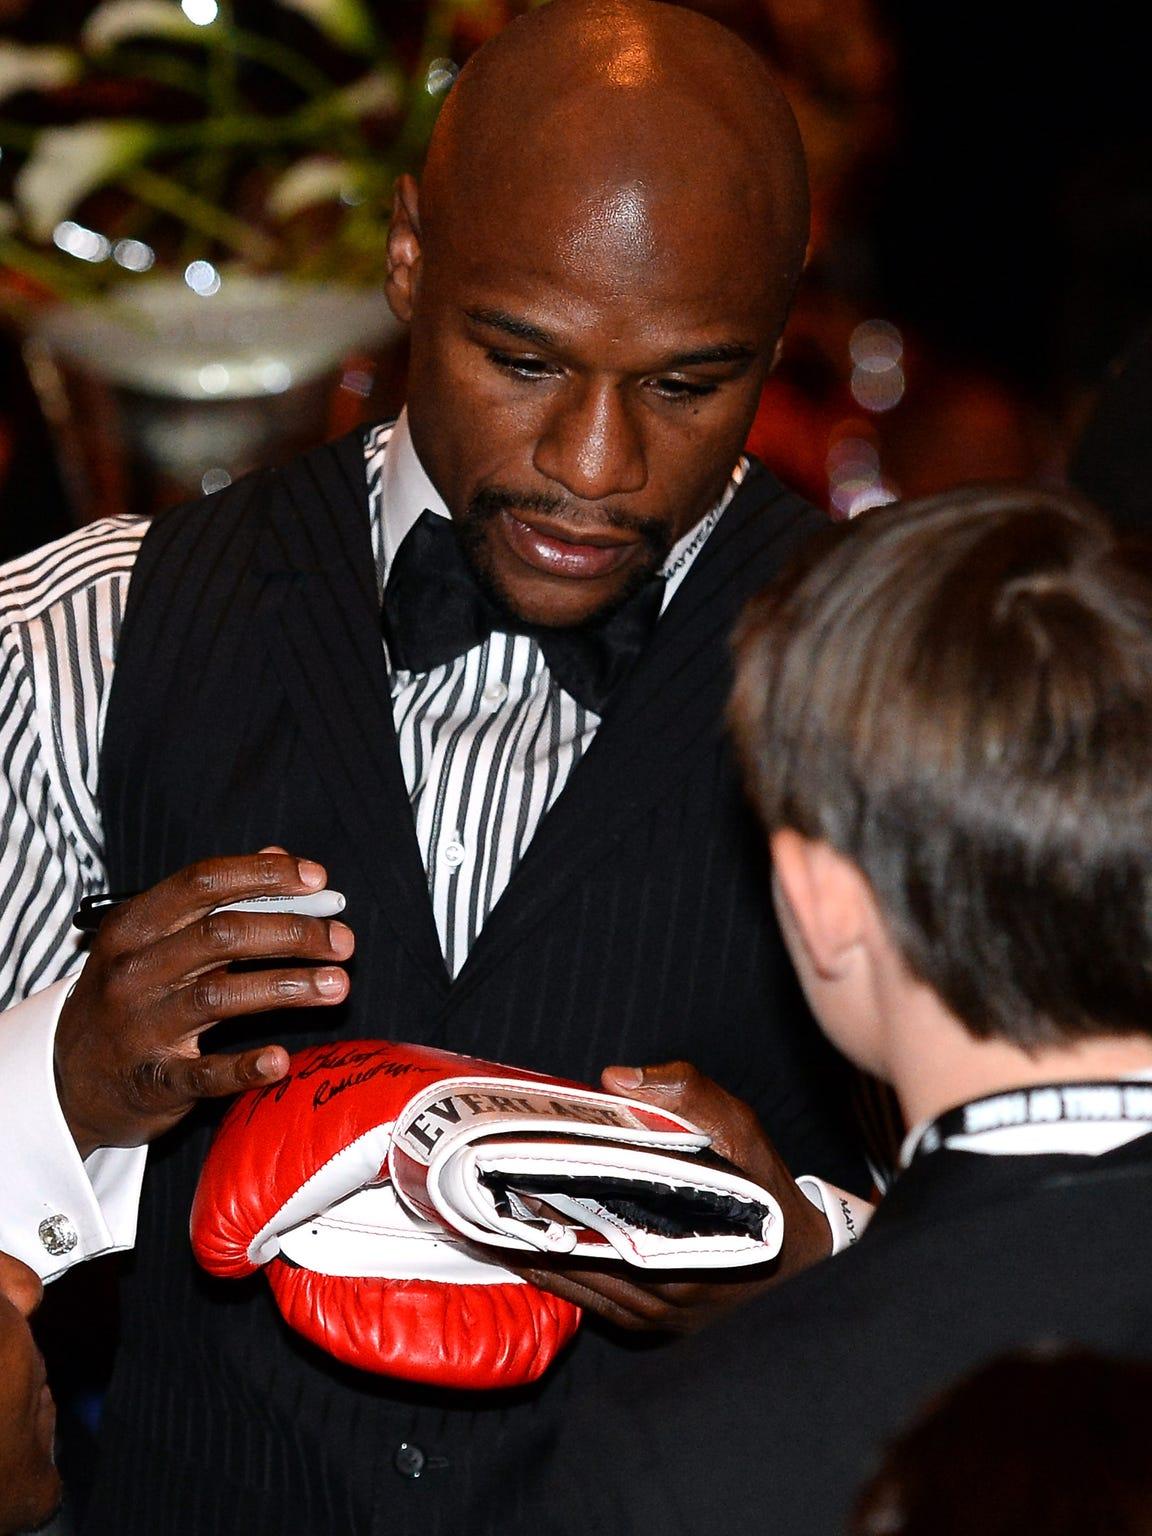 El boxeador Floyd Mayweather Jr. firma un autógrafo a un fanático.